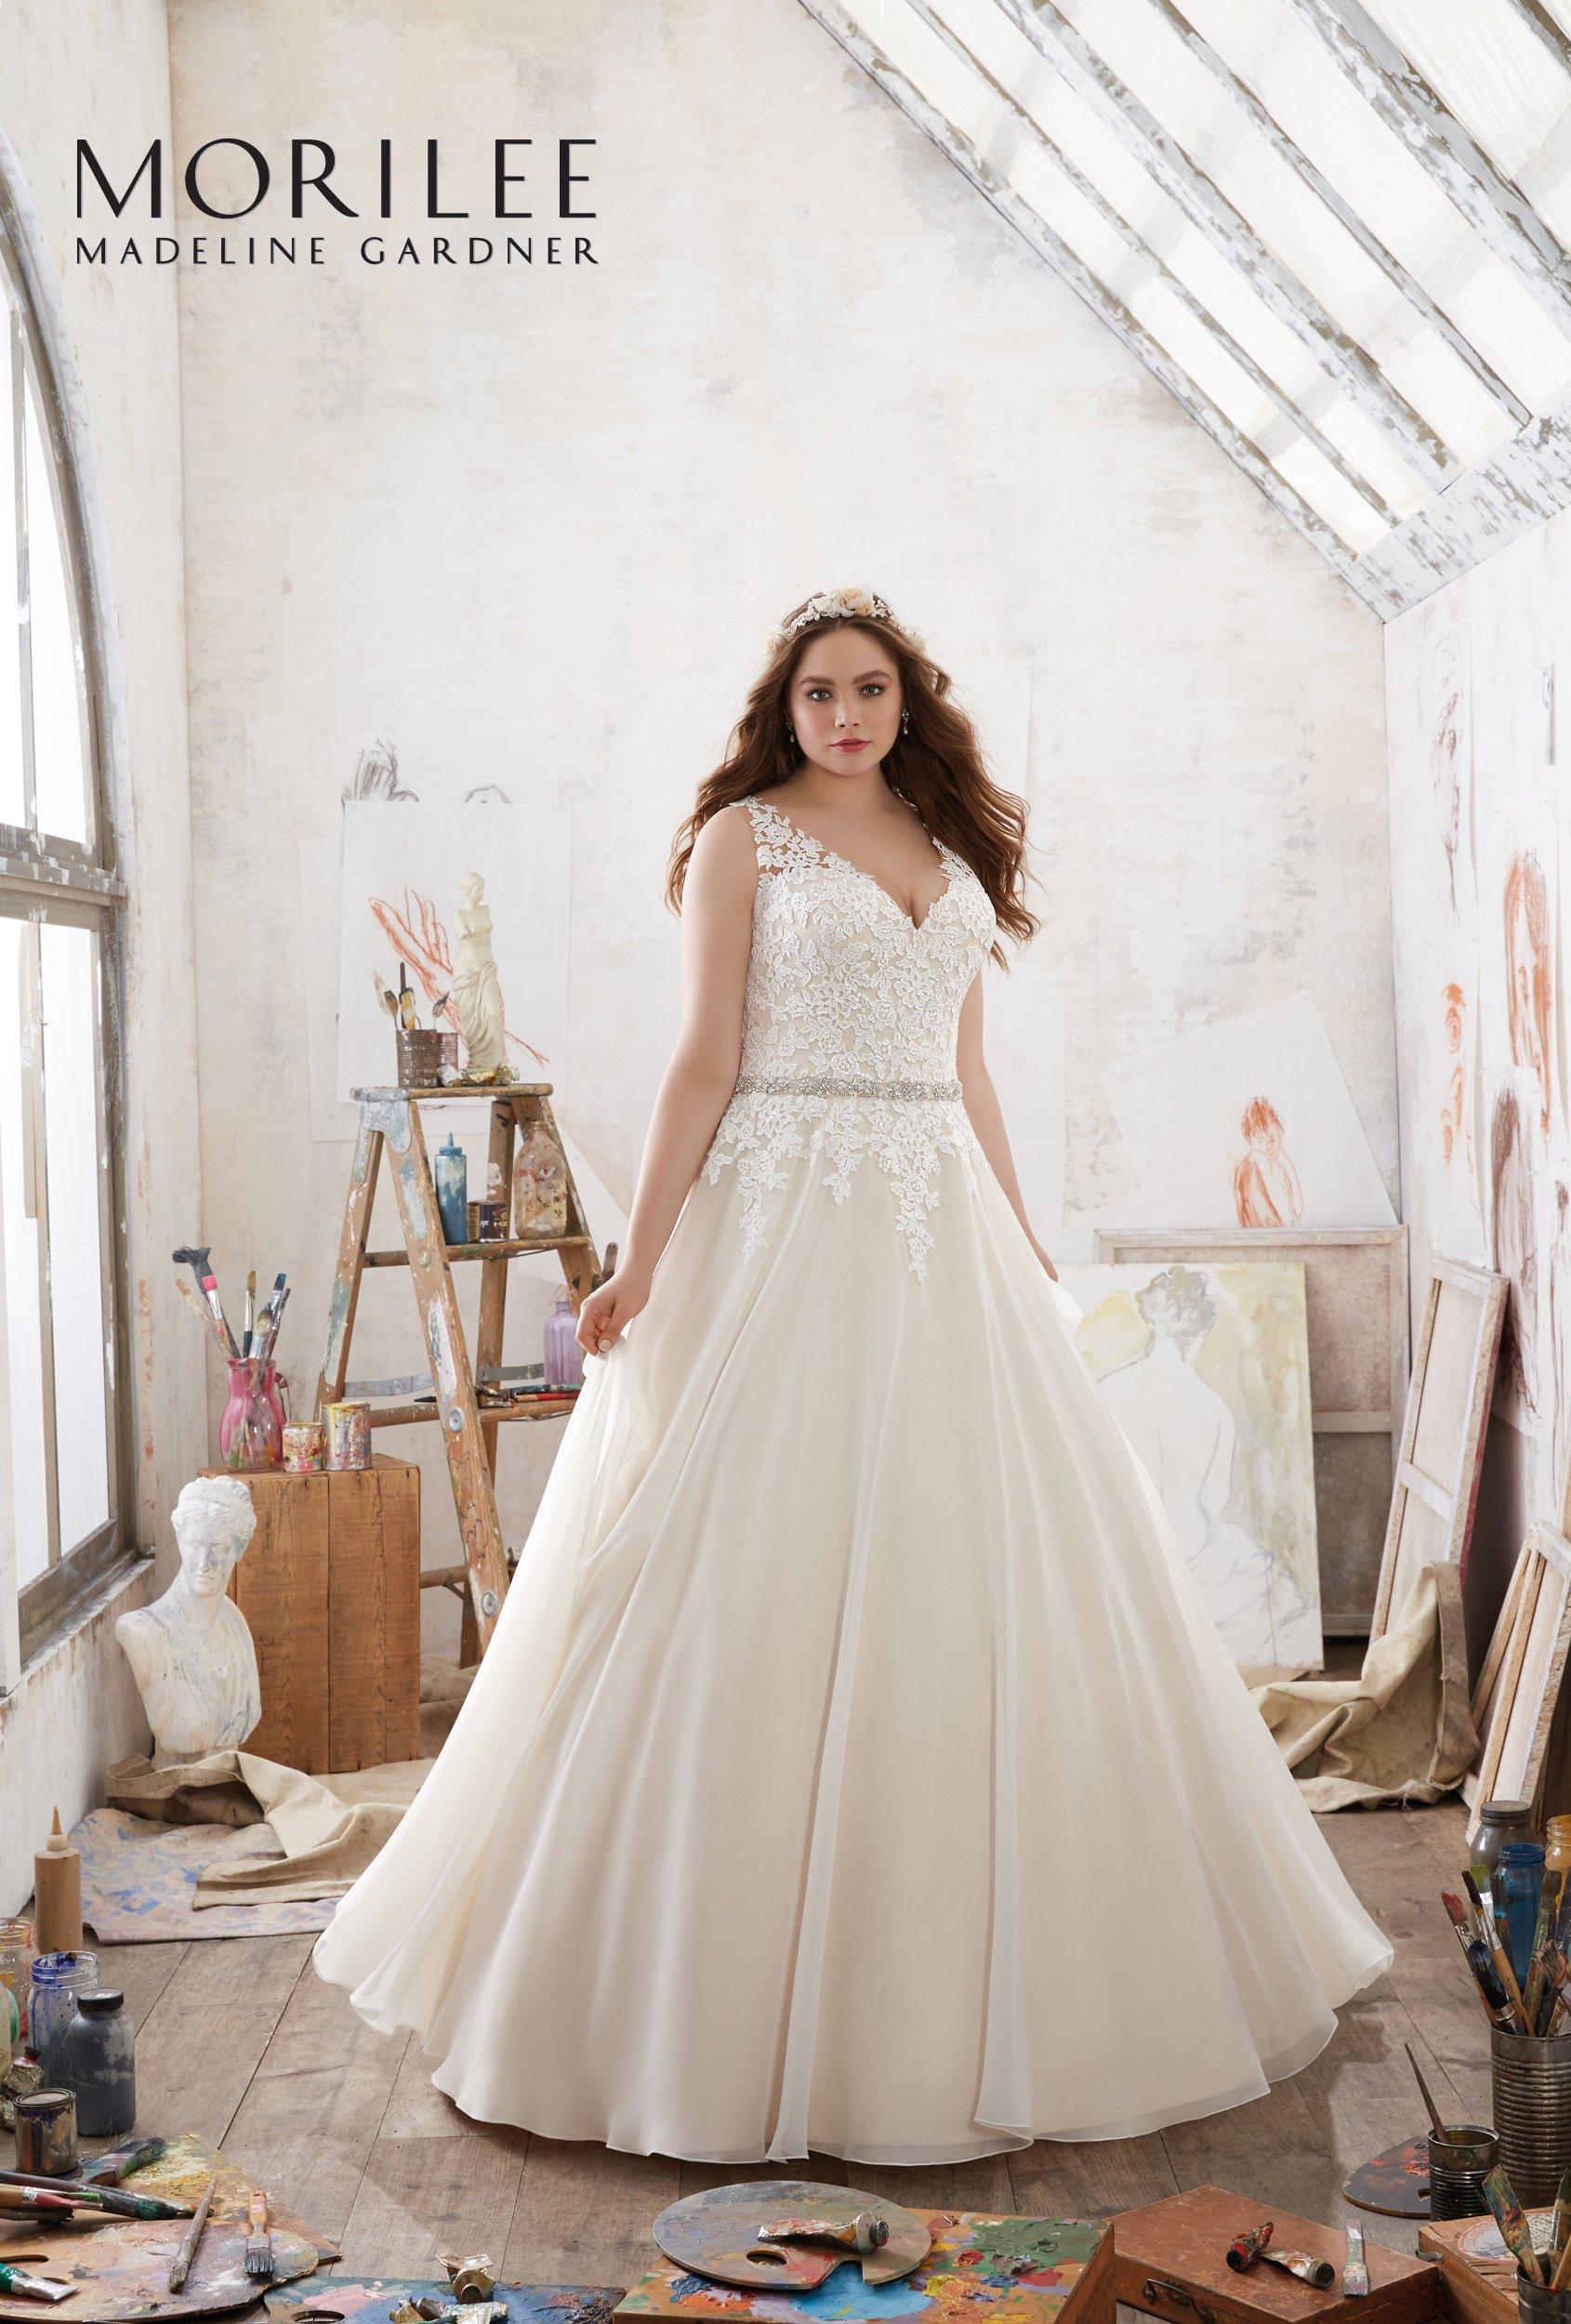 abito da sposa a marchio MORILEE Madeline  Gardner